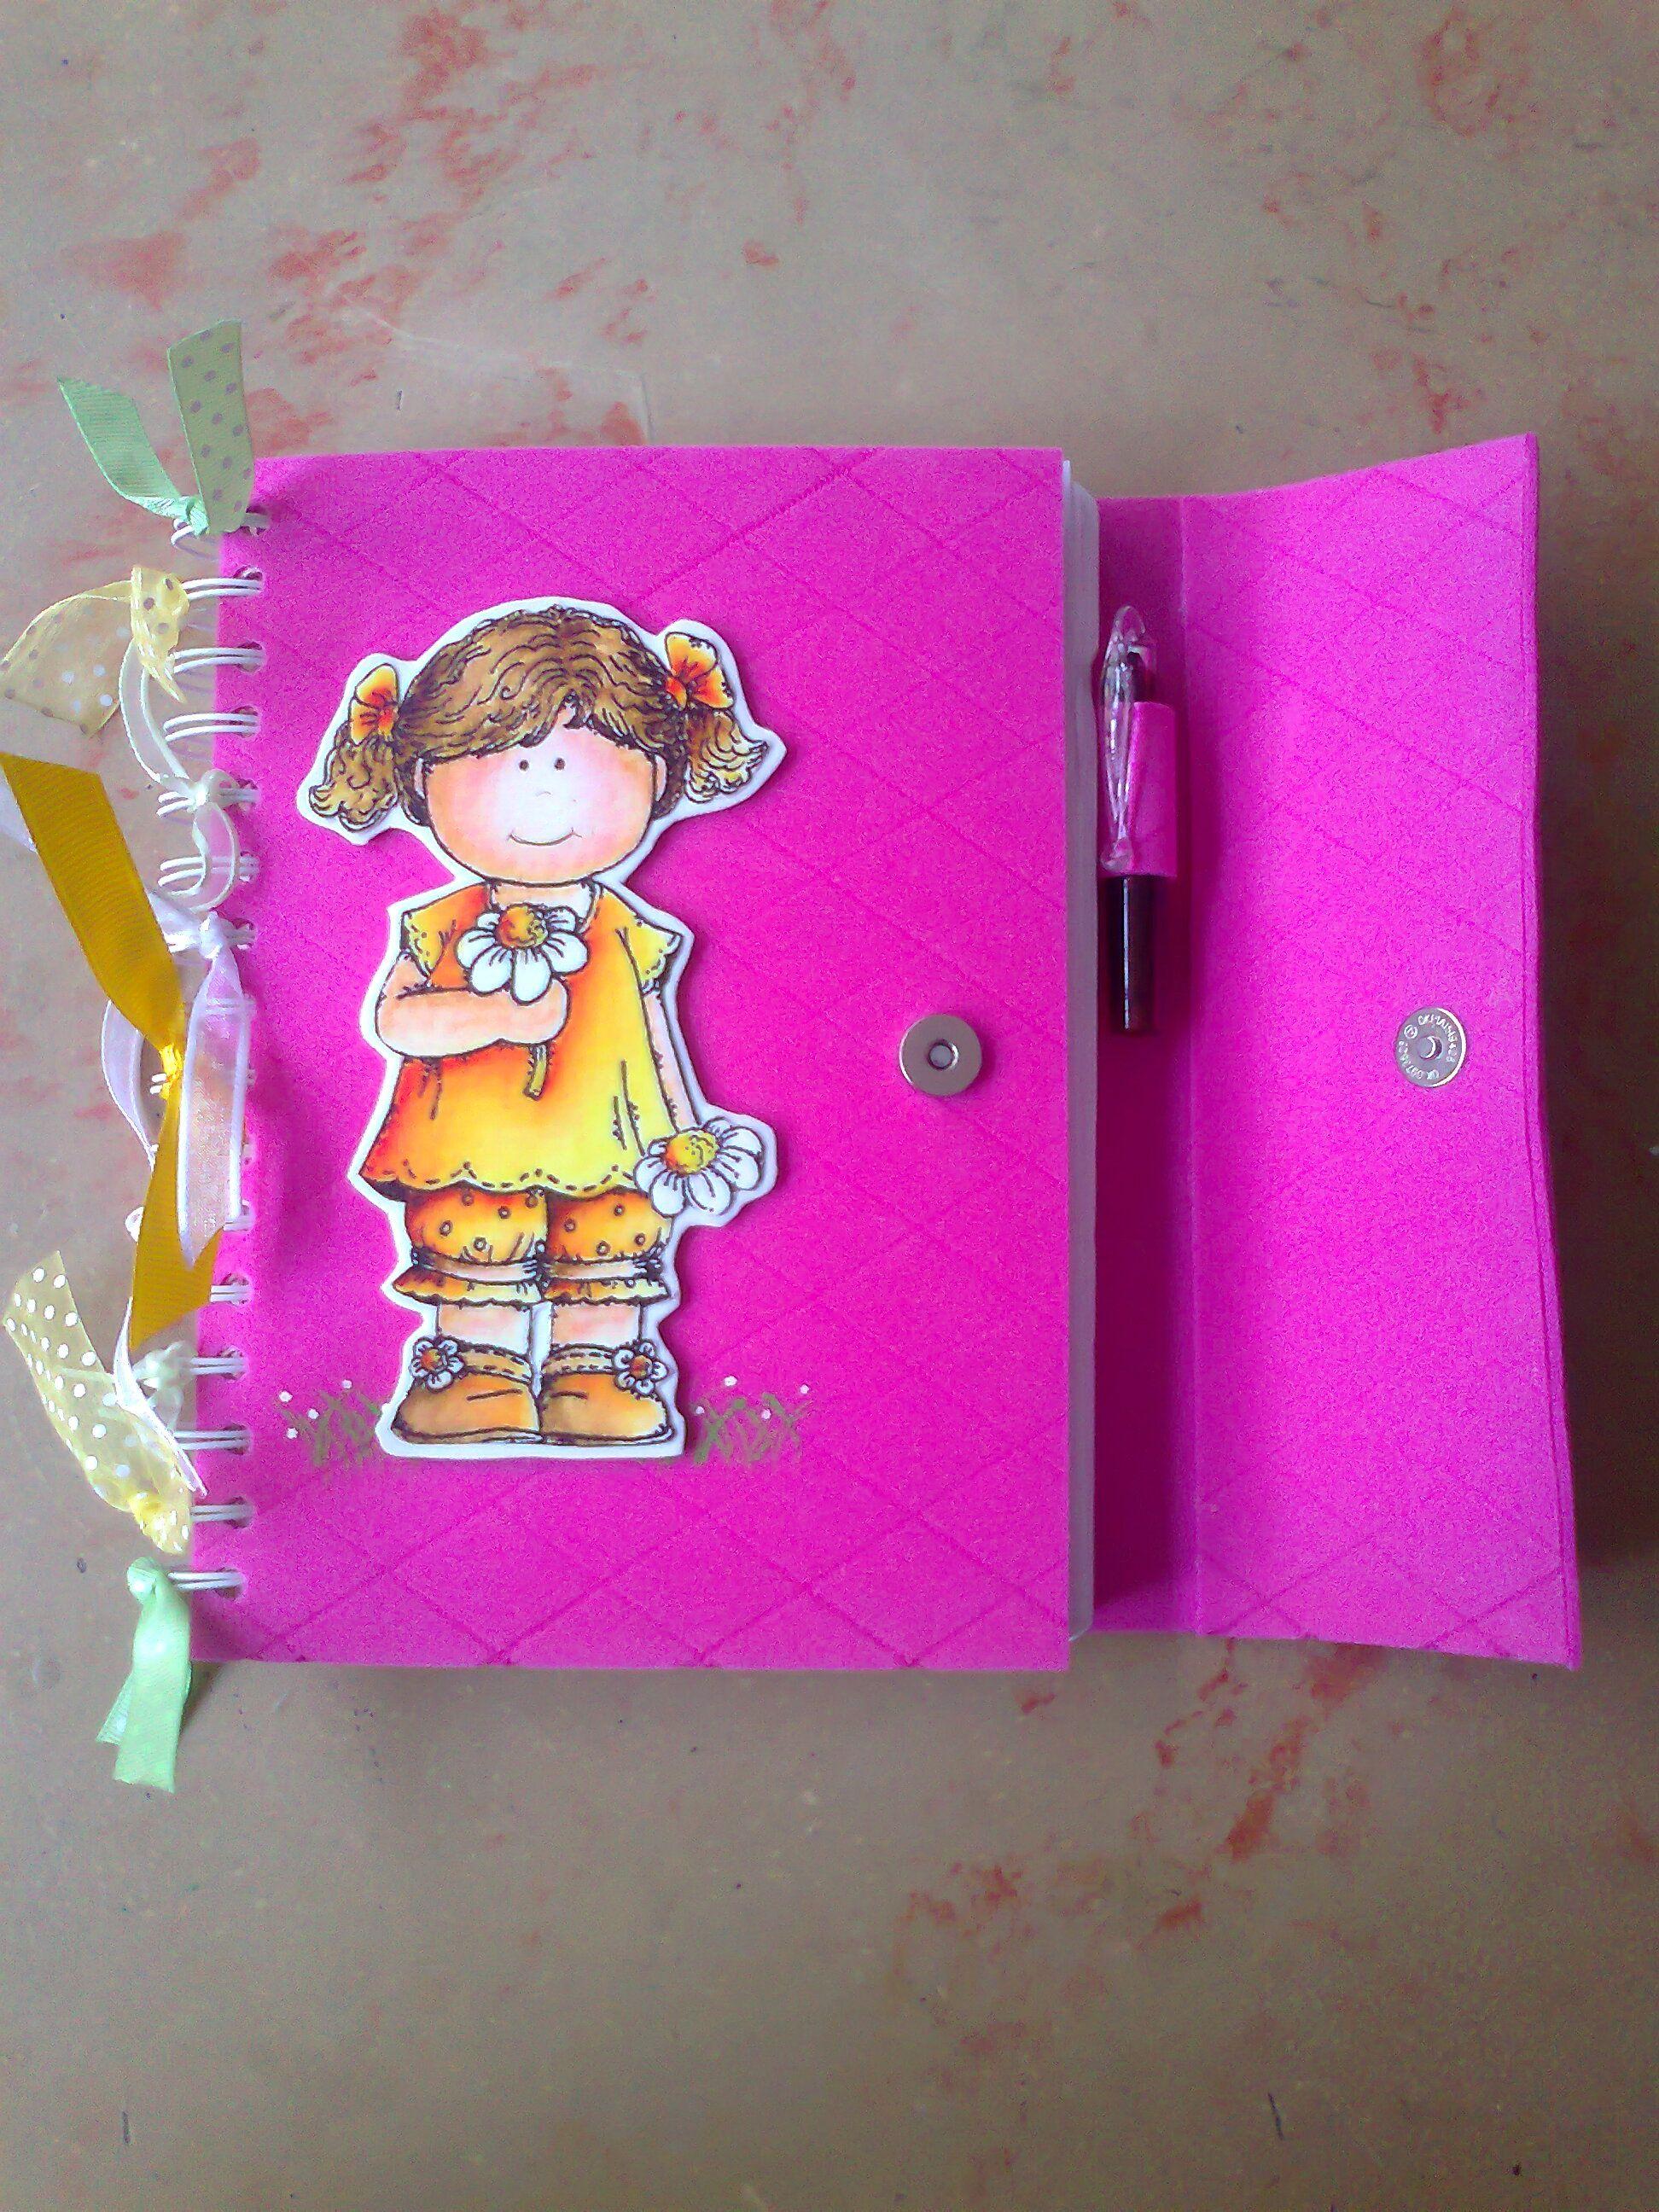 Cuaderno forrado en foami | cuaderno decorado con goma eva | Pinterest